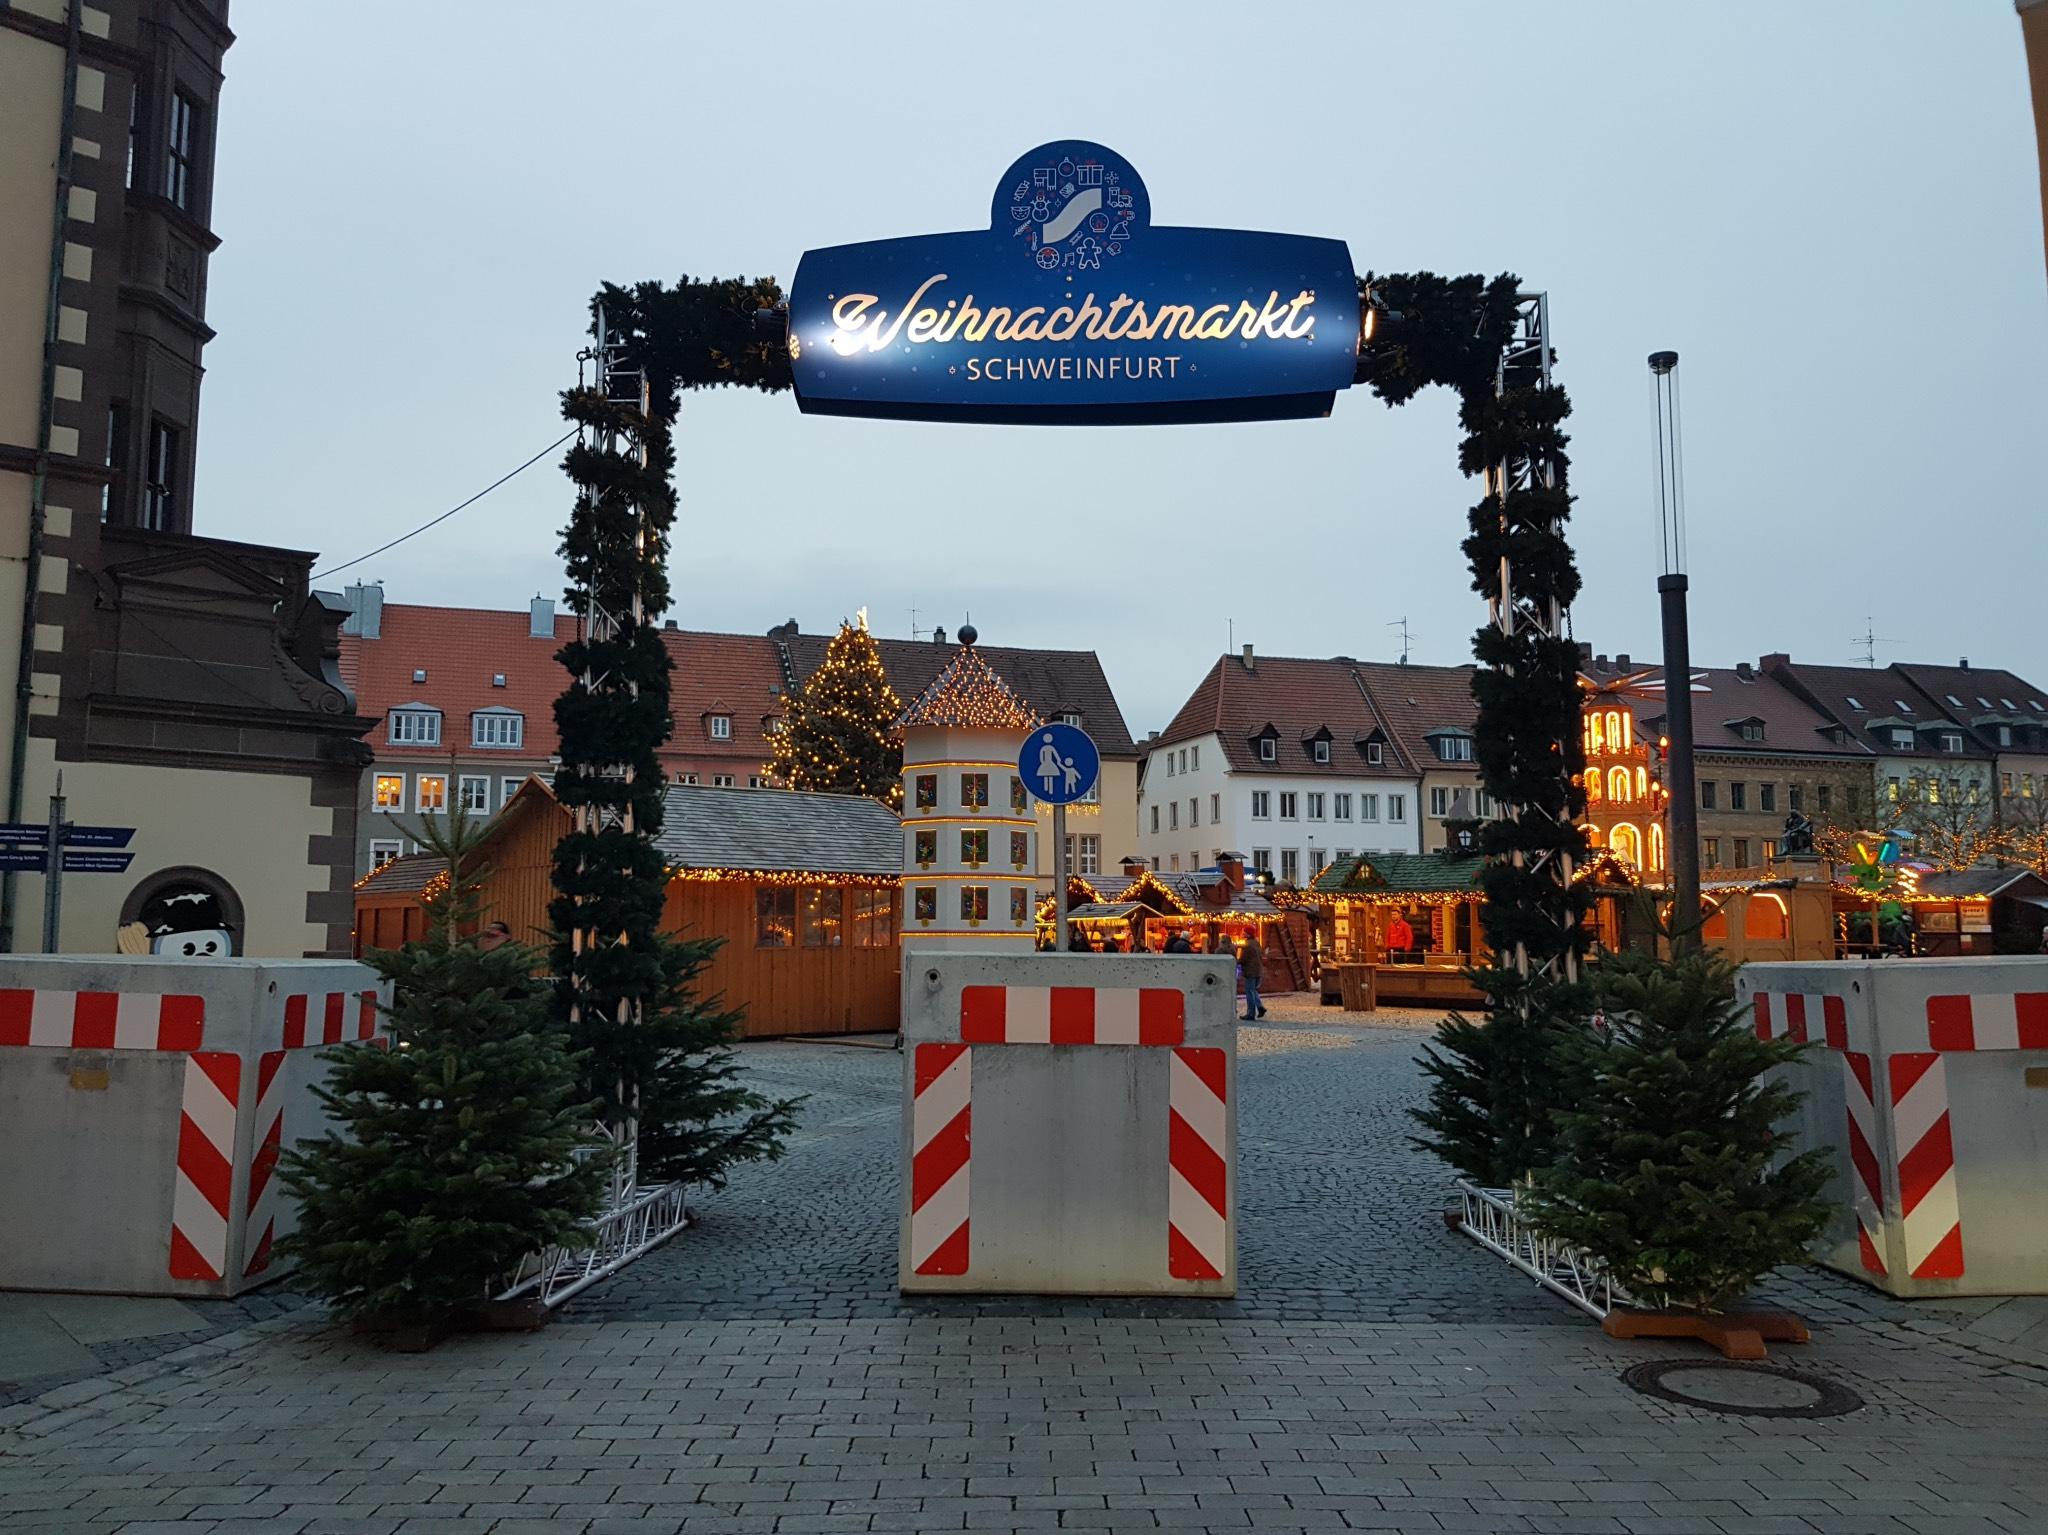 Betonabsicherung am Weihnachtsmarkt. Foto: Dirk Flieger